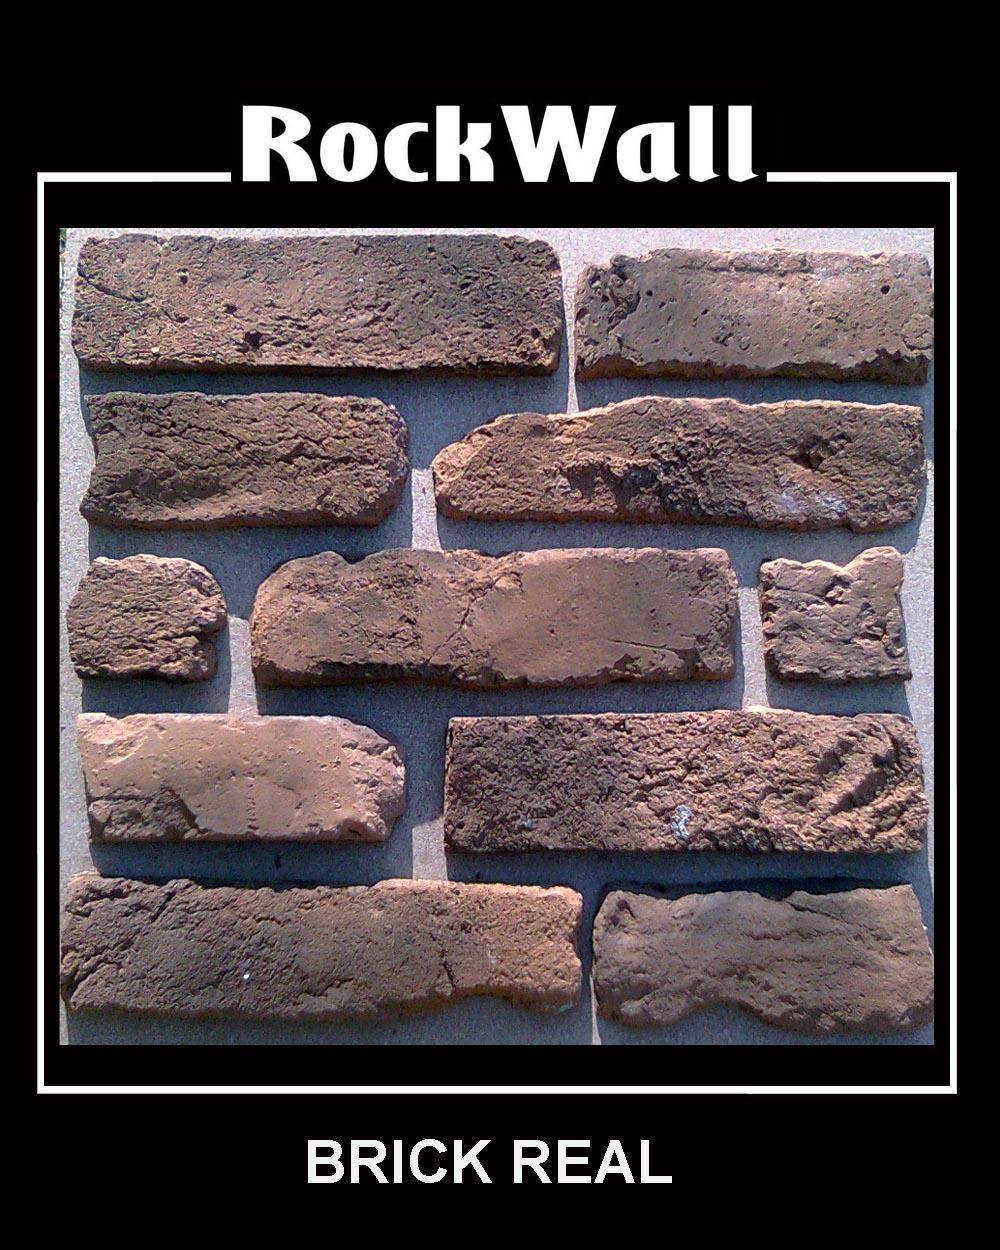 brick-real